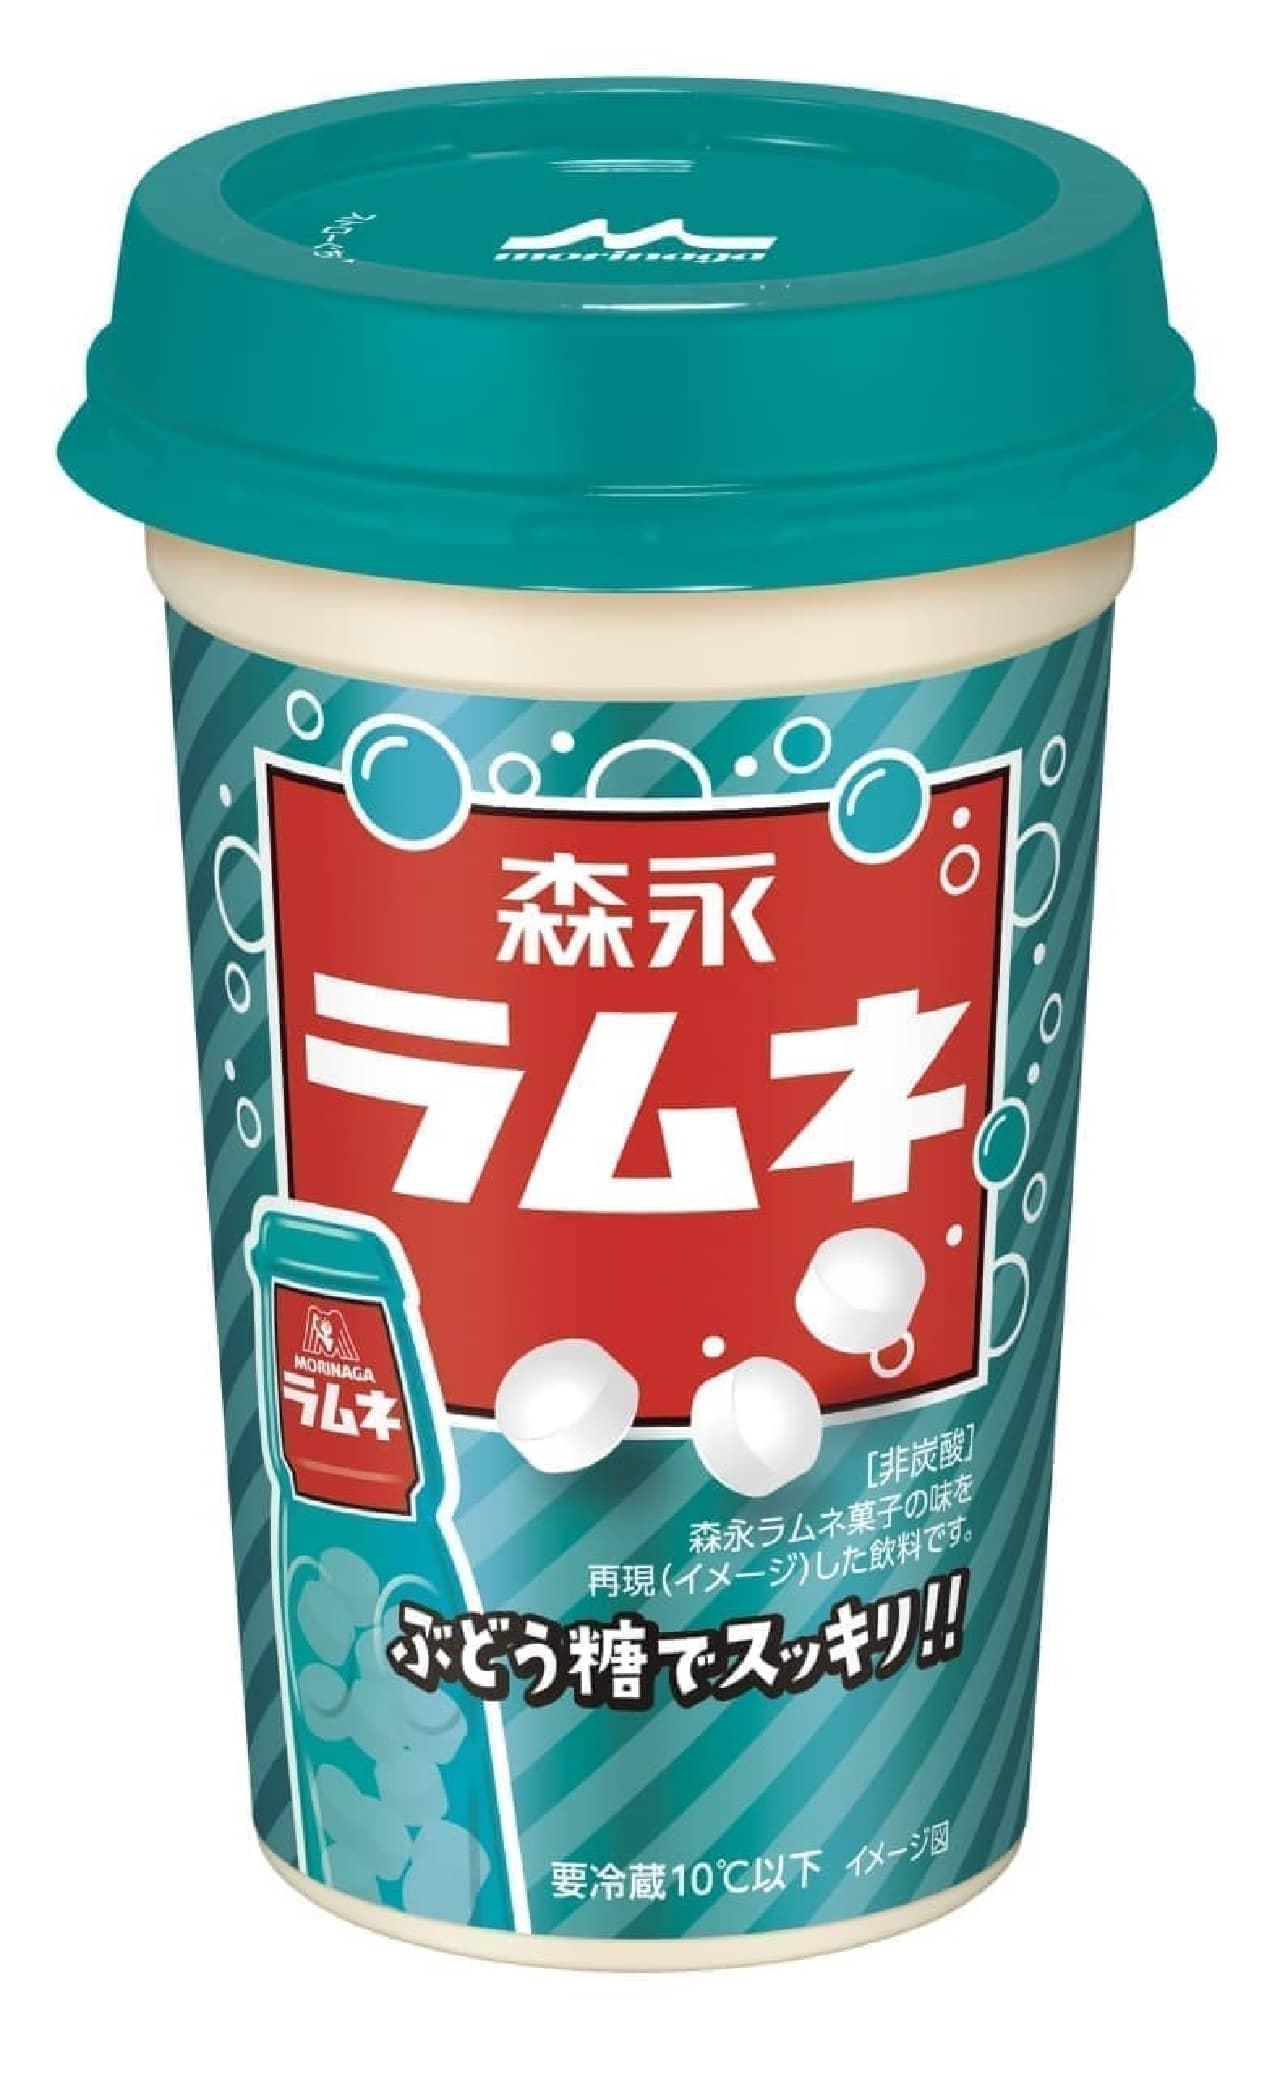 森永乳業 チルドカップ飲料「森永ラムネ」